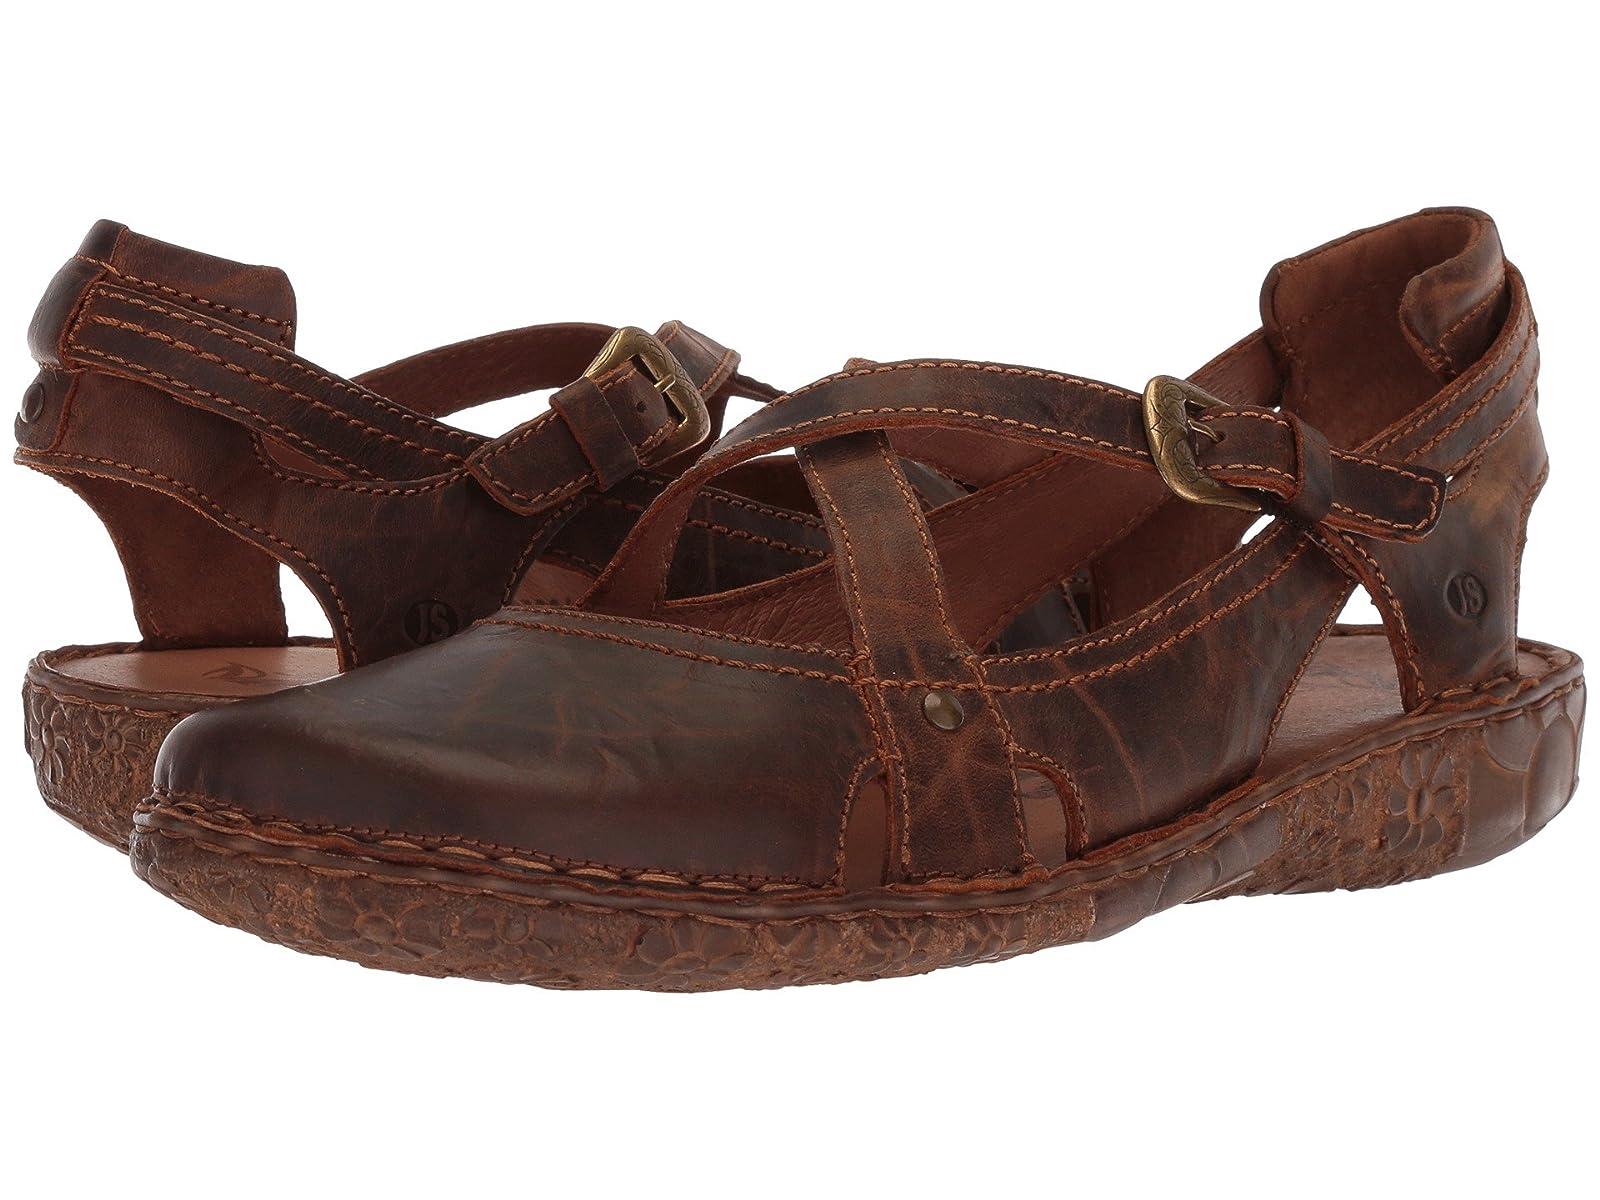 Josef Seibel Rosalie 13Atmospheric grades have affordable shoes